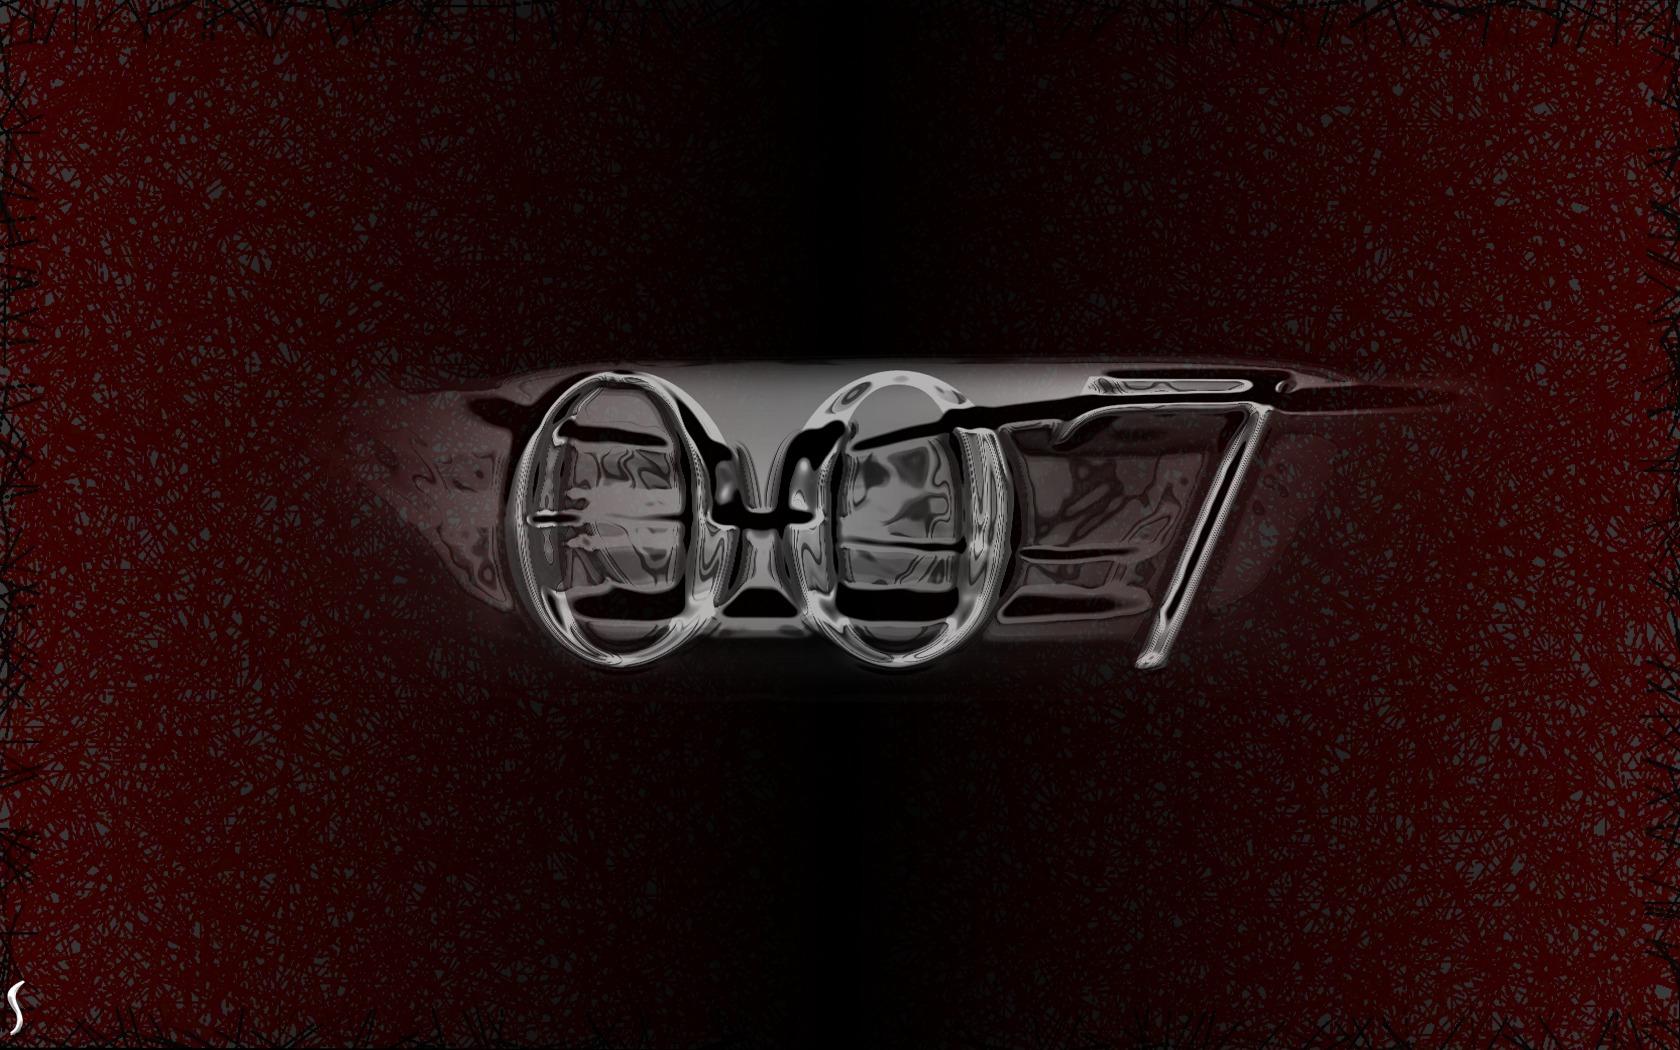 SKYFALL Poster Revealed  James Bond 007